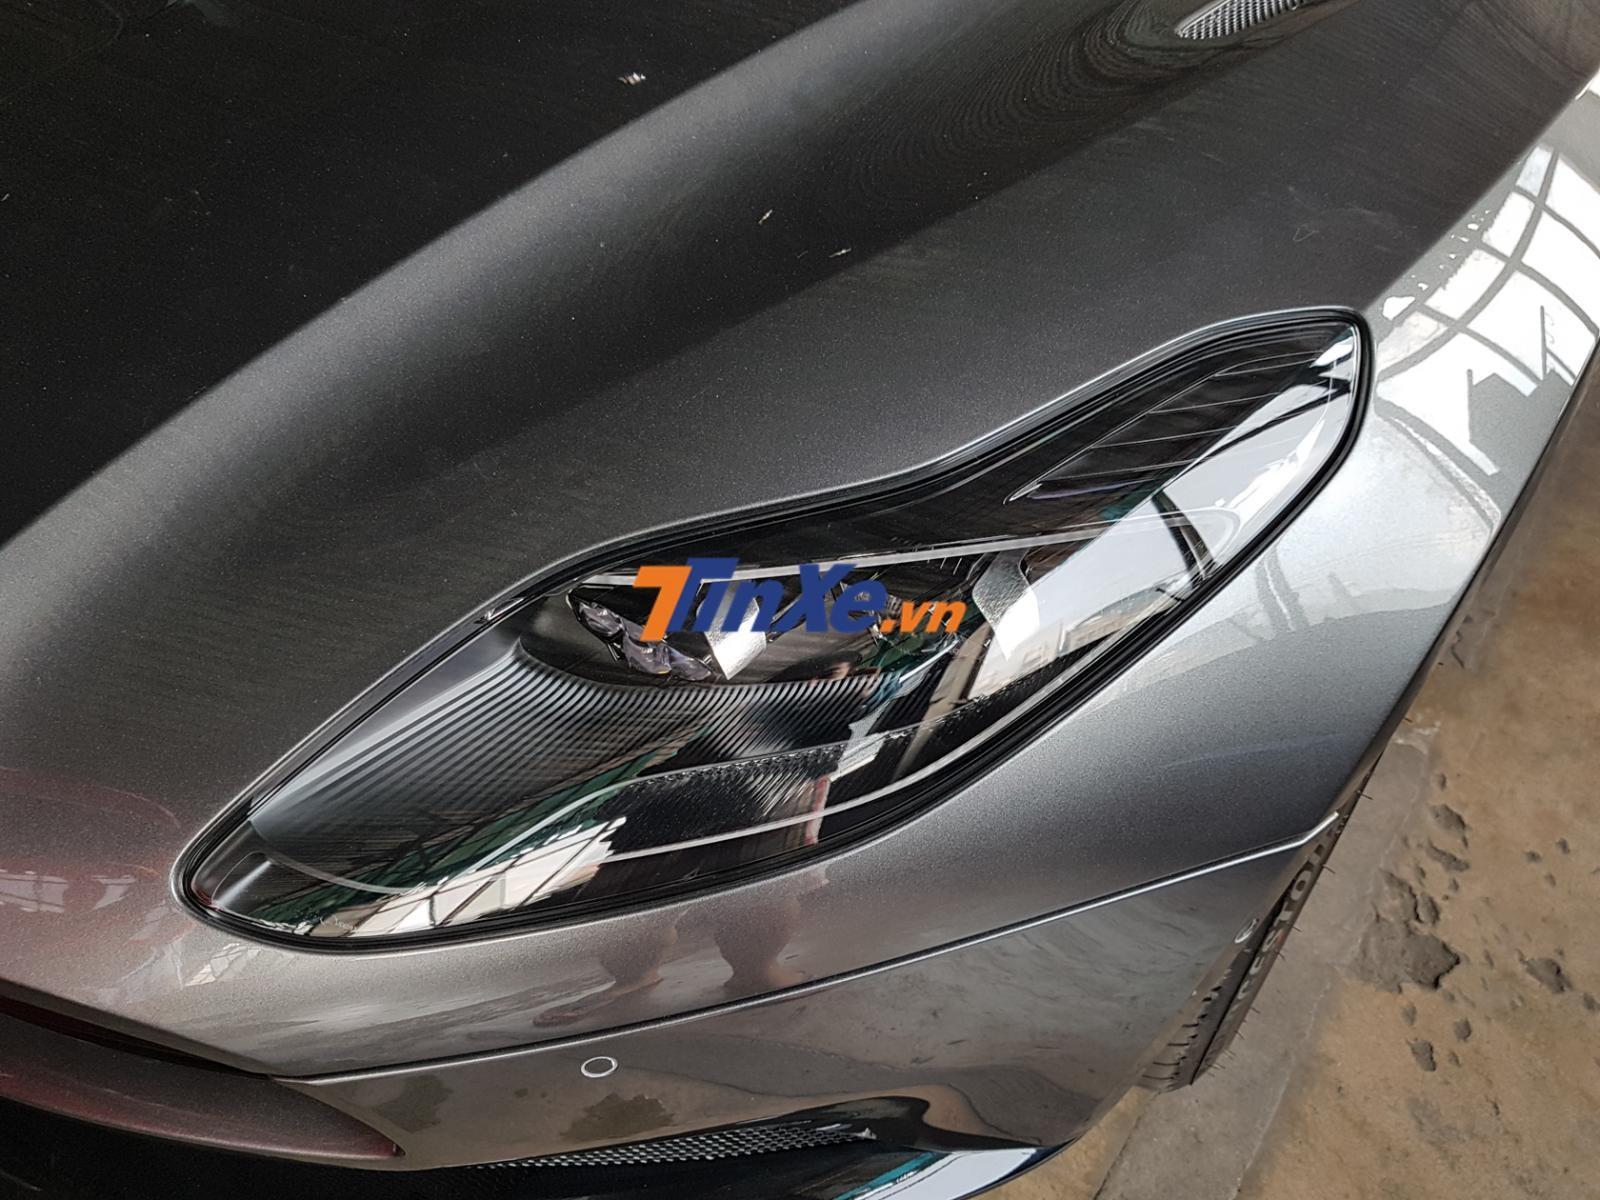 Hệ thống đèn pha LED trên Aston Martin DB11 và dải đèn LED thiết kế rất sắc sảo